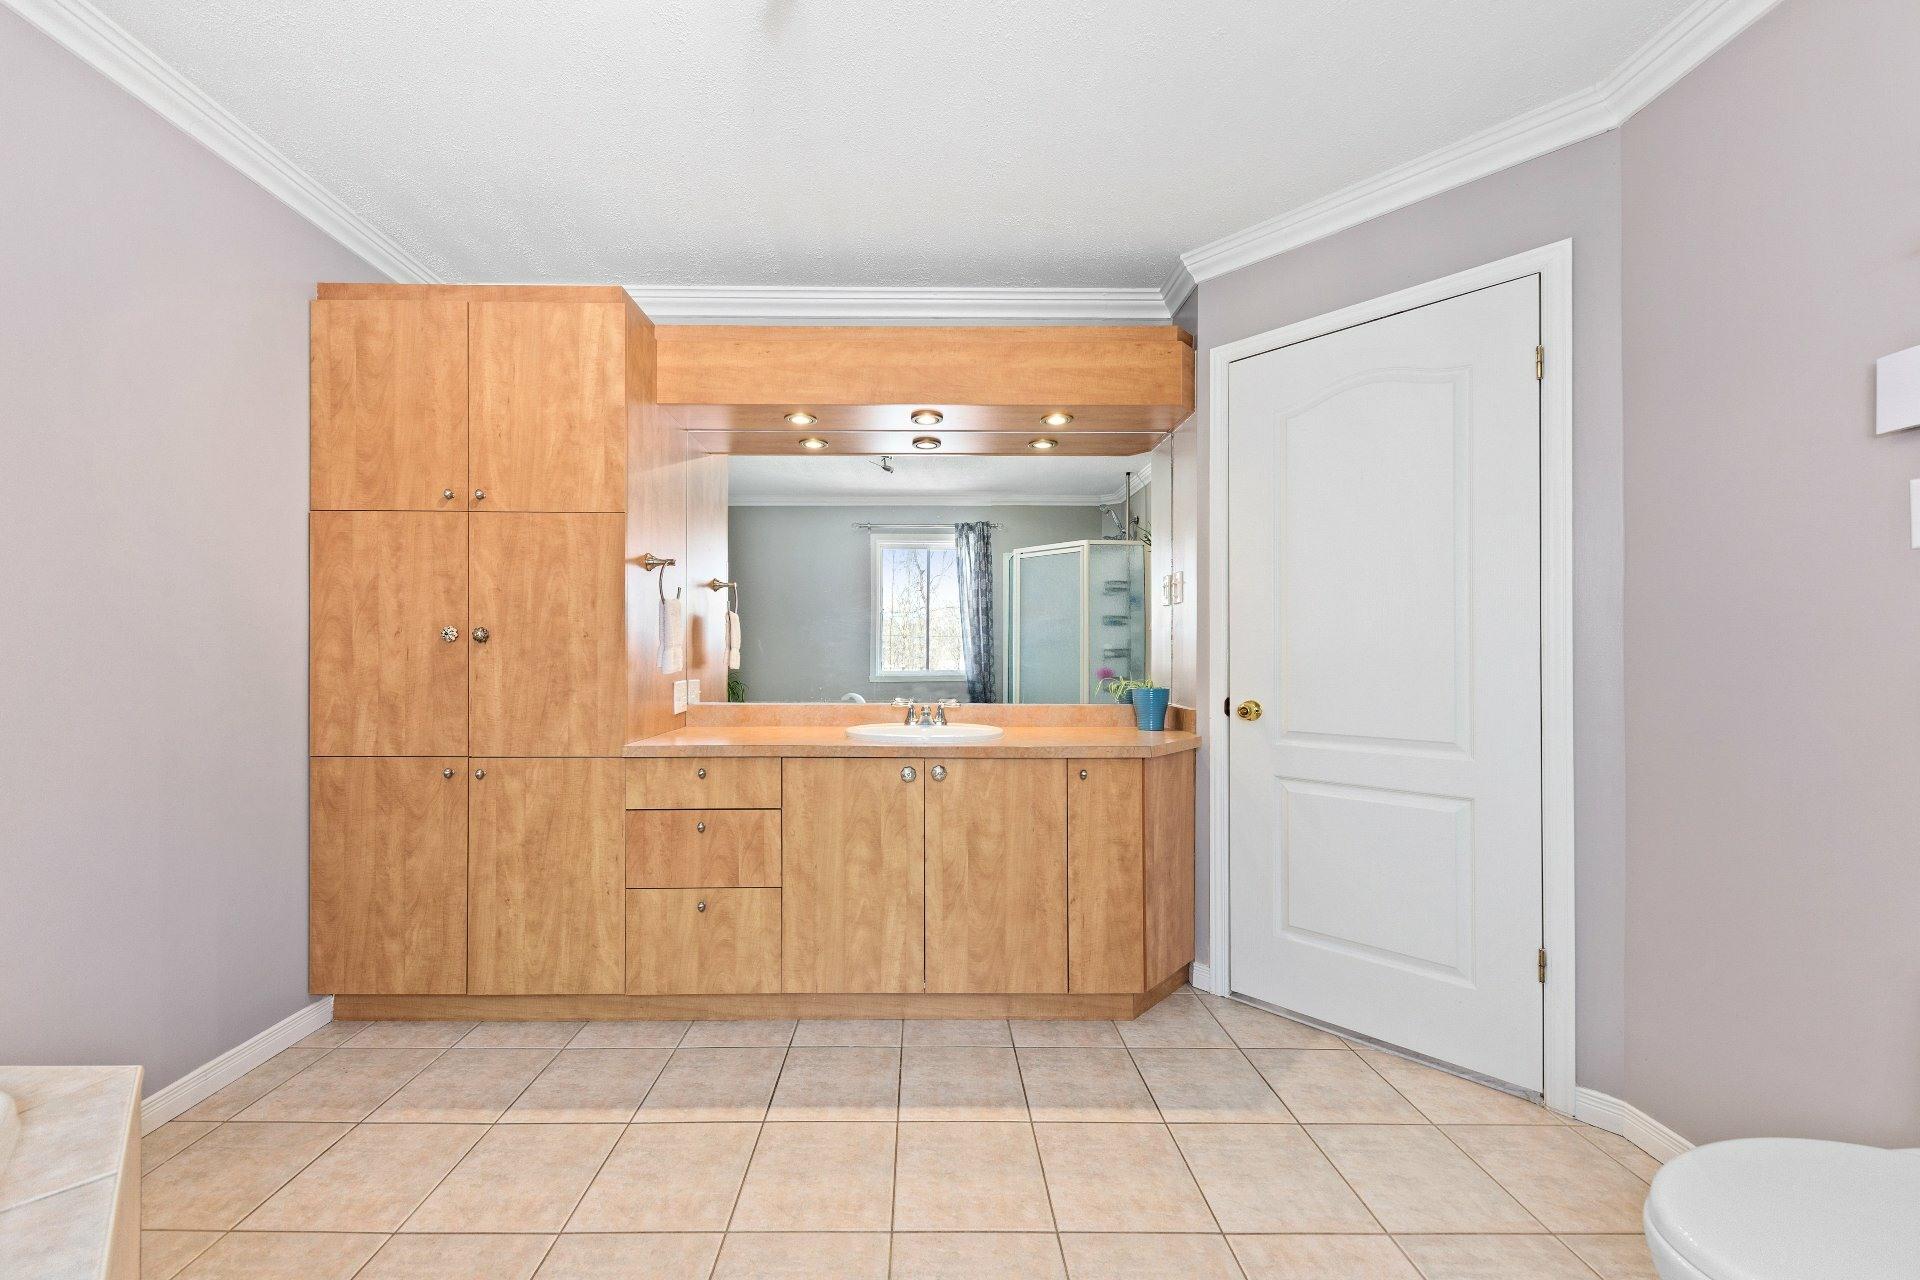 image 33 - Maison À vendre Coteau-du-Lac - 10 pièces